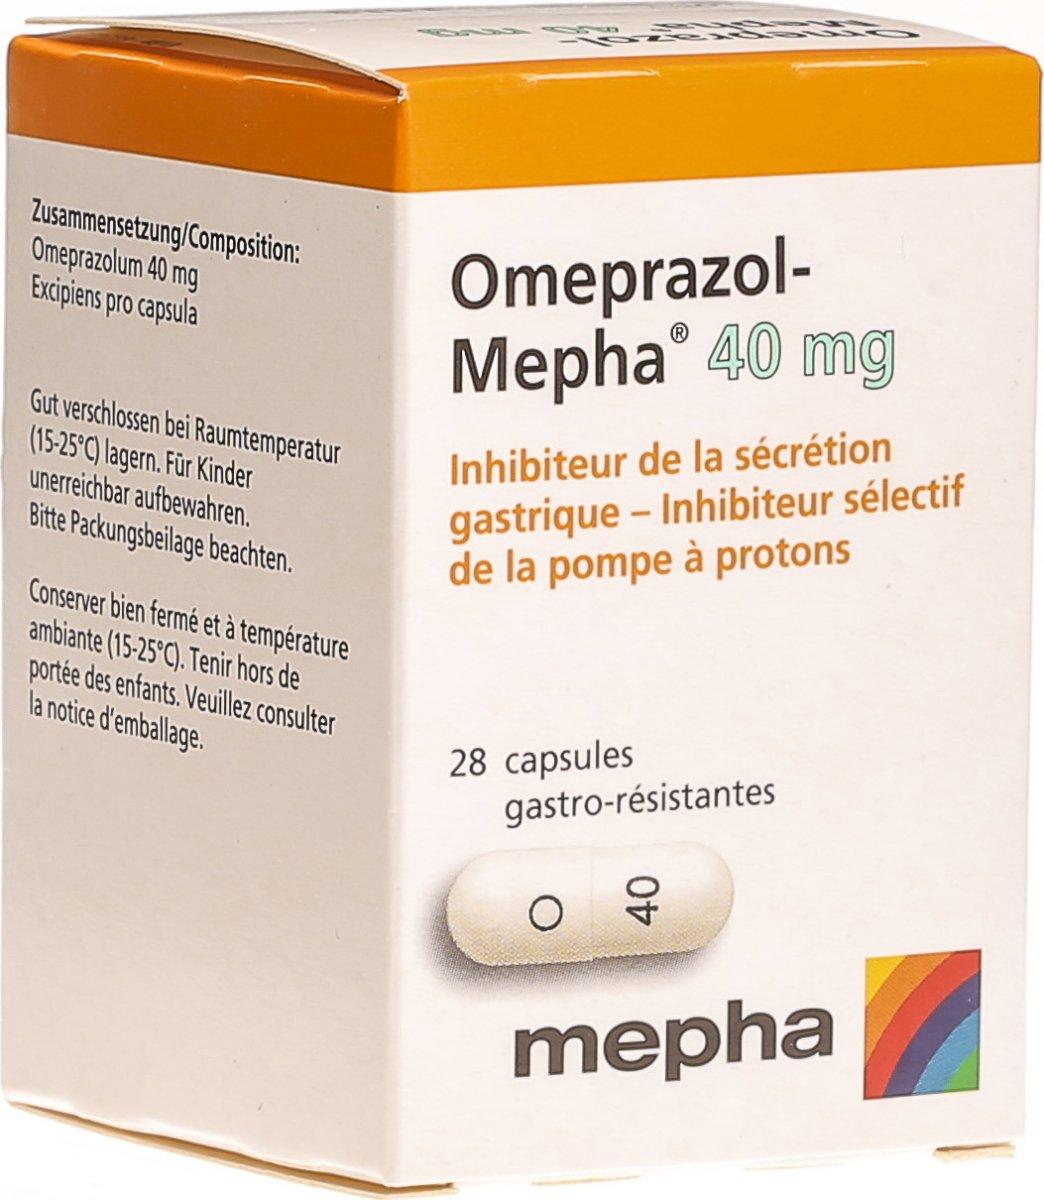 40mg Stück Mepha Omeprazol In Adler Flasche Apotheke 28 Der Kapseln cRq5jL34A